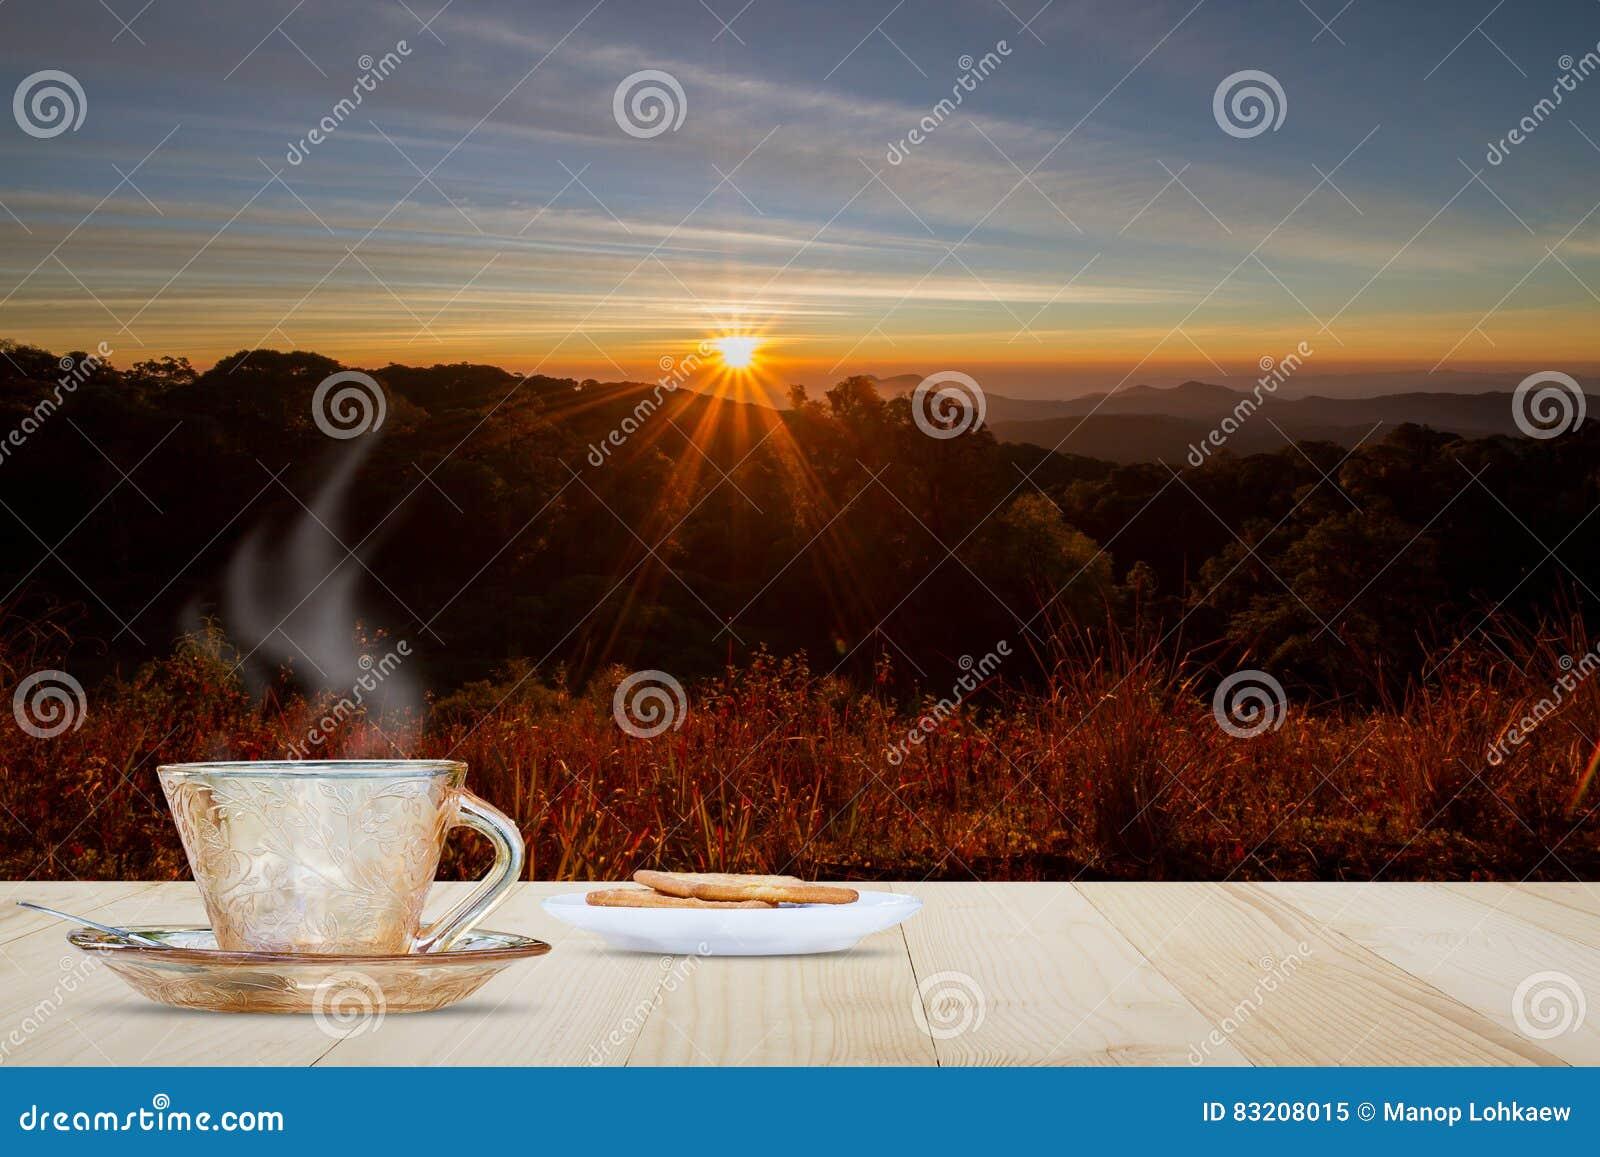 热的咖啡杯和饼干在木台式在被弄脏的草甸和山与日出和火光背景